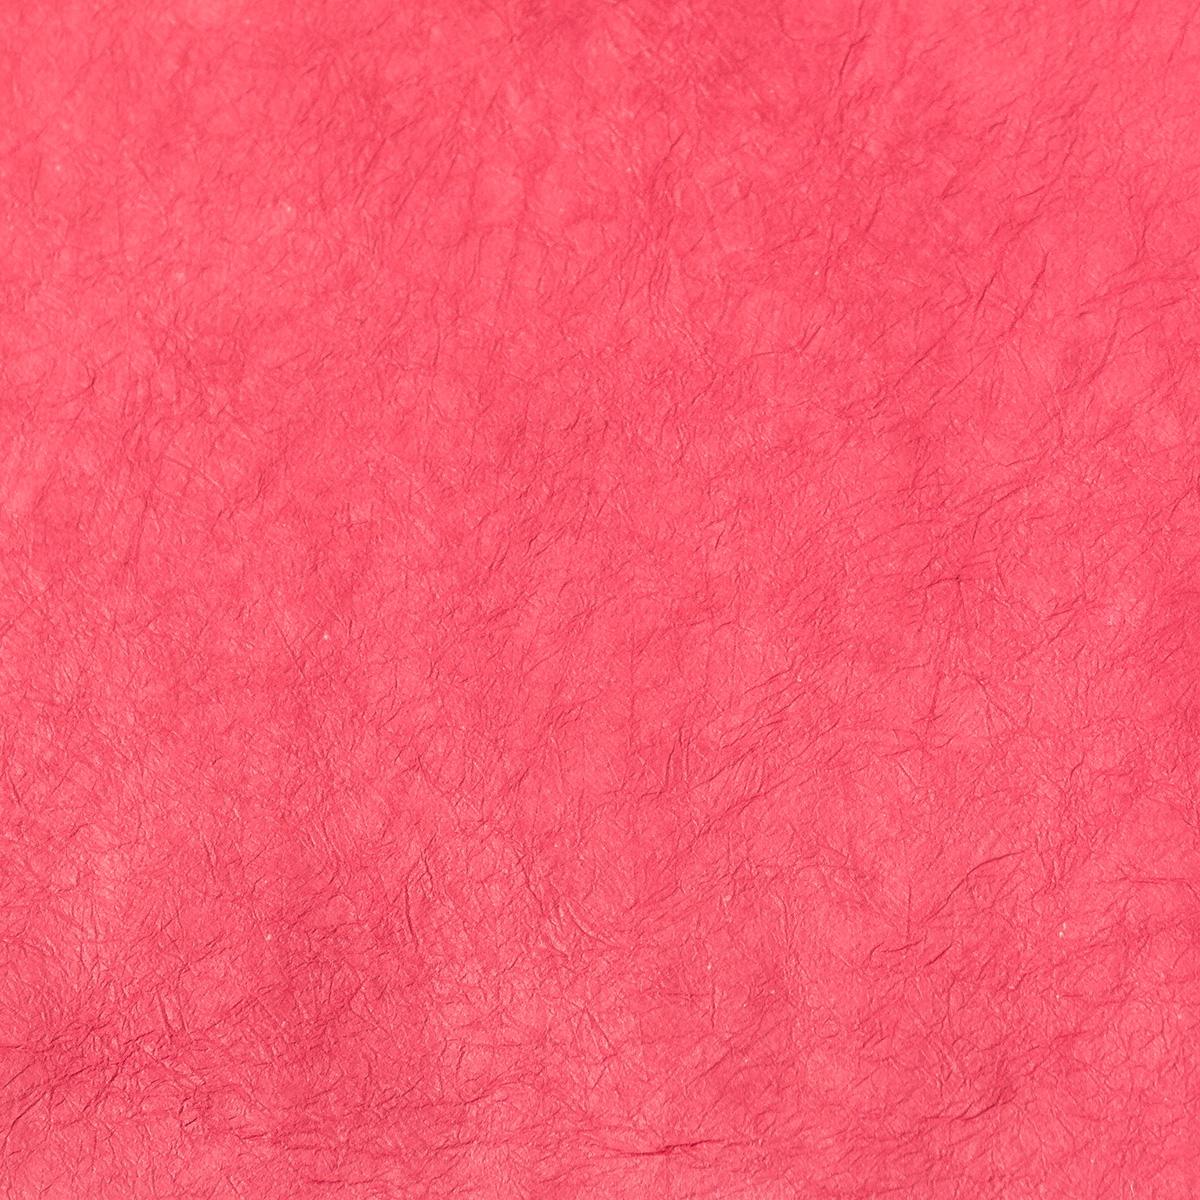 王朝のそめいろ 薄口 17番 韓紅花